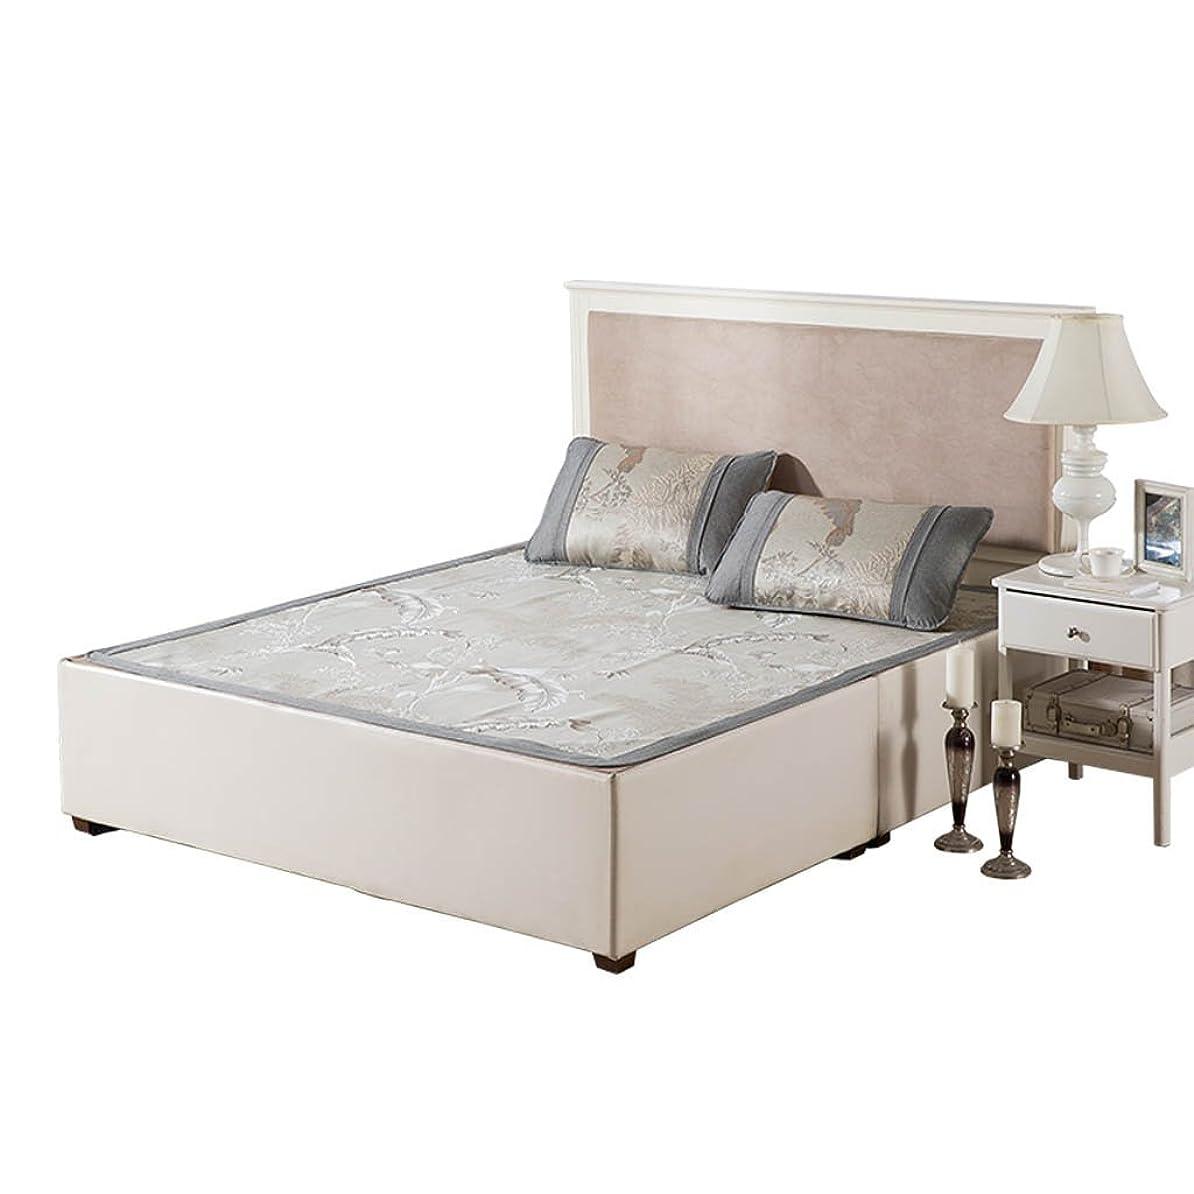 女将放牧するアルネラタンマットレス5FTジャカードマットスリーピース折り畳み式寮の寝具